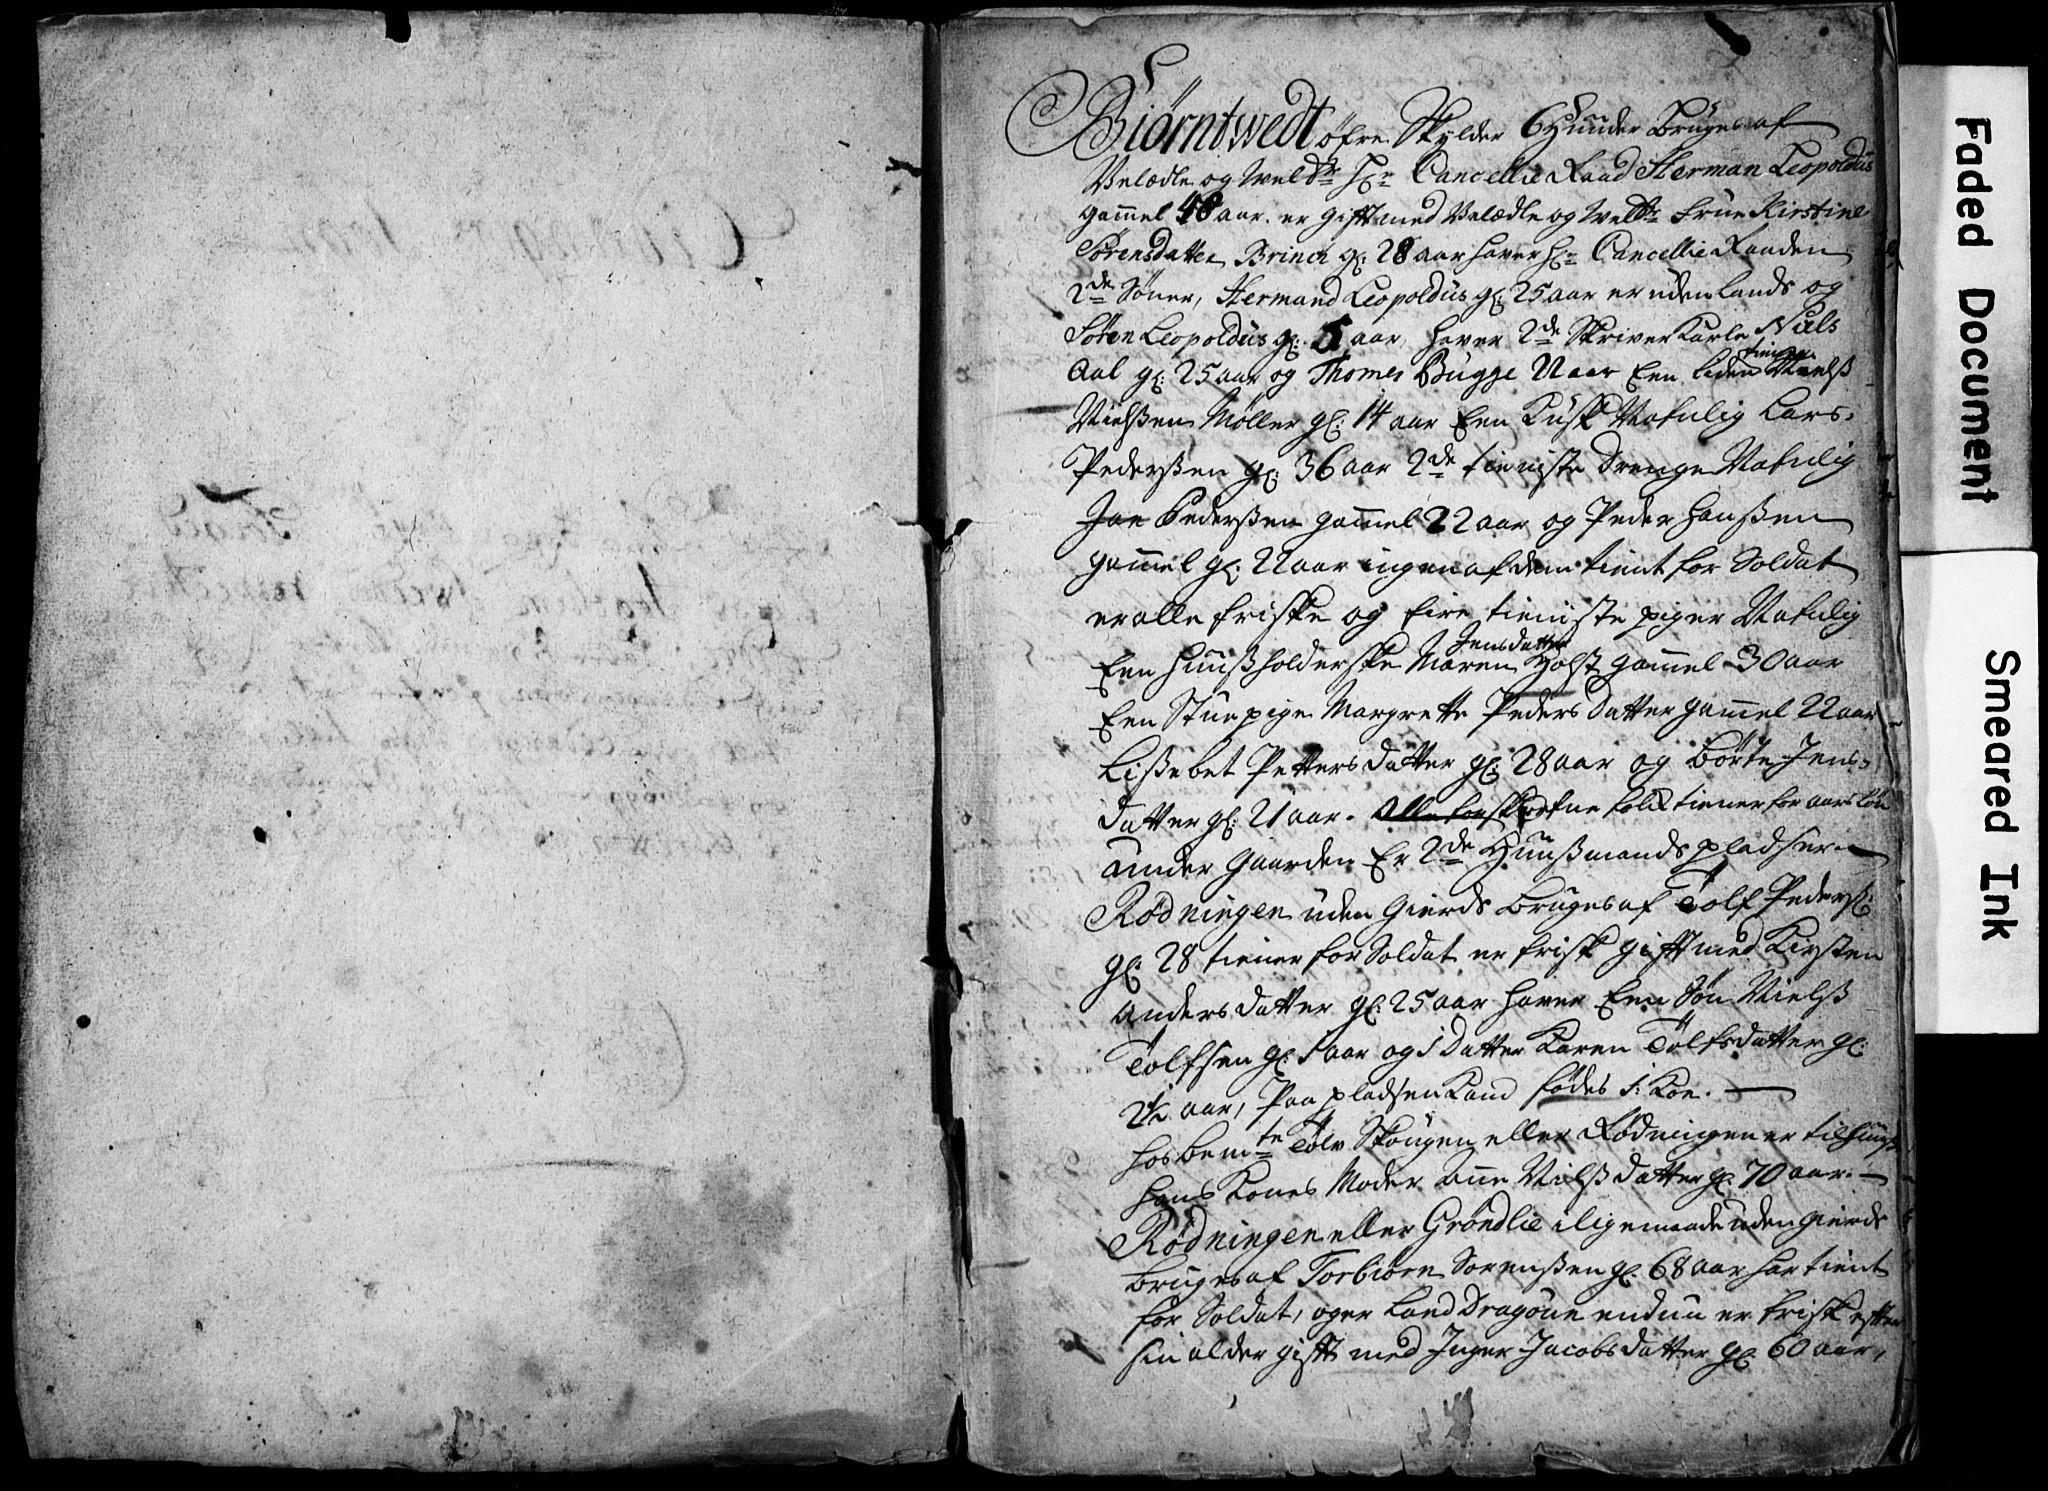 SAKO, Bratsberg Len og Amt, I/I34/L0342: Diverse manntall og fortegnelser, 1725, s. upaginert